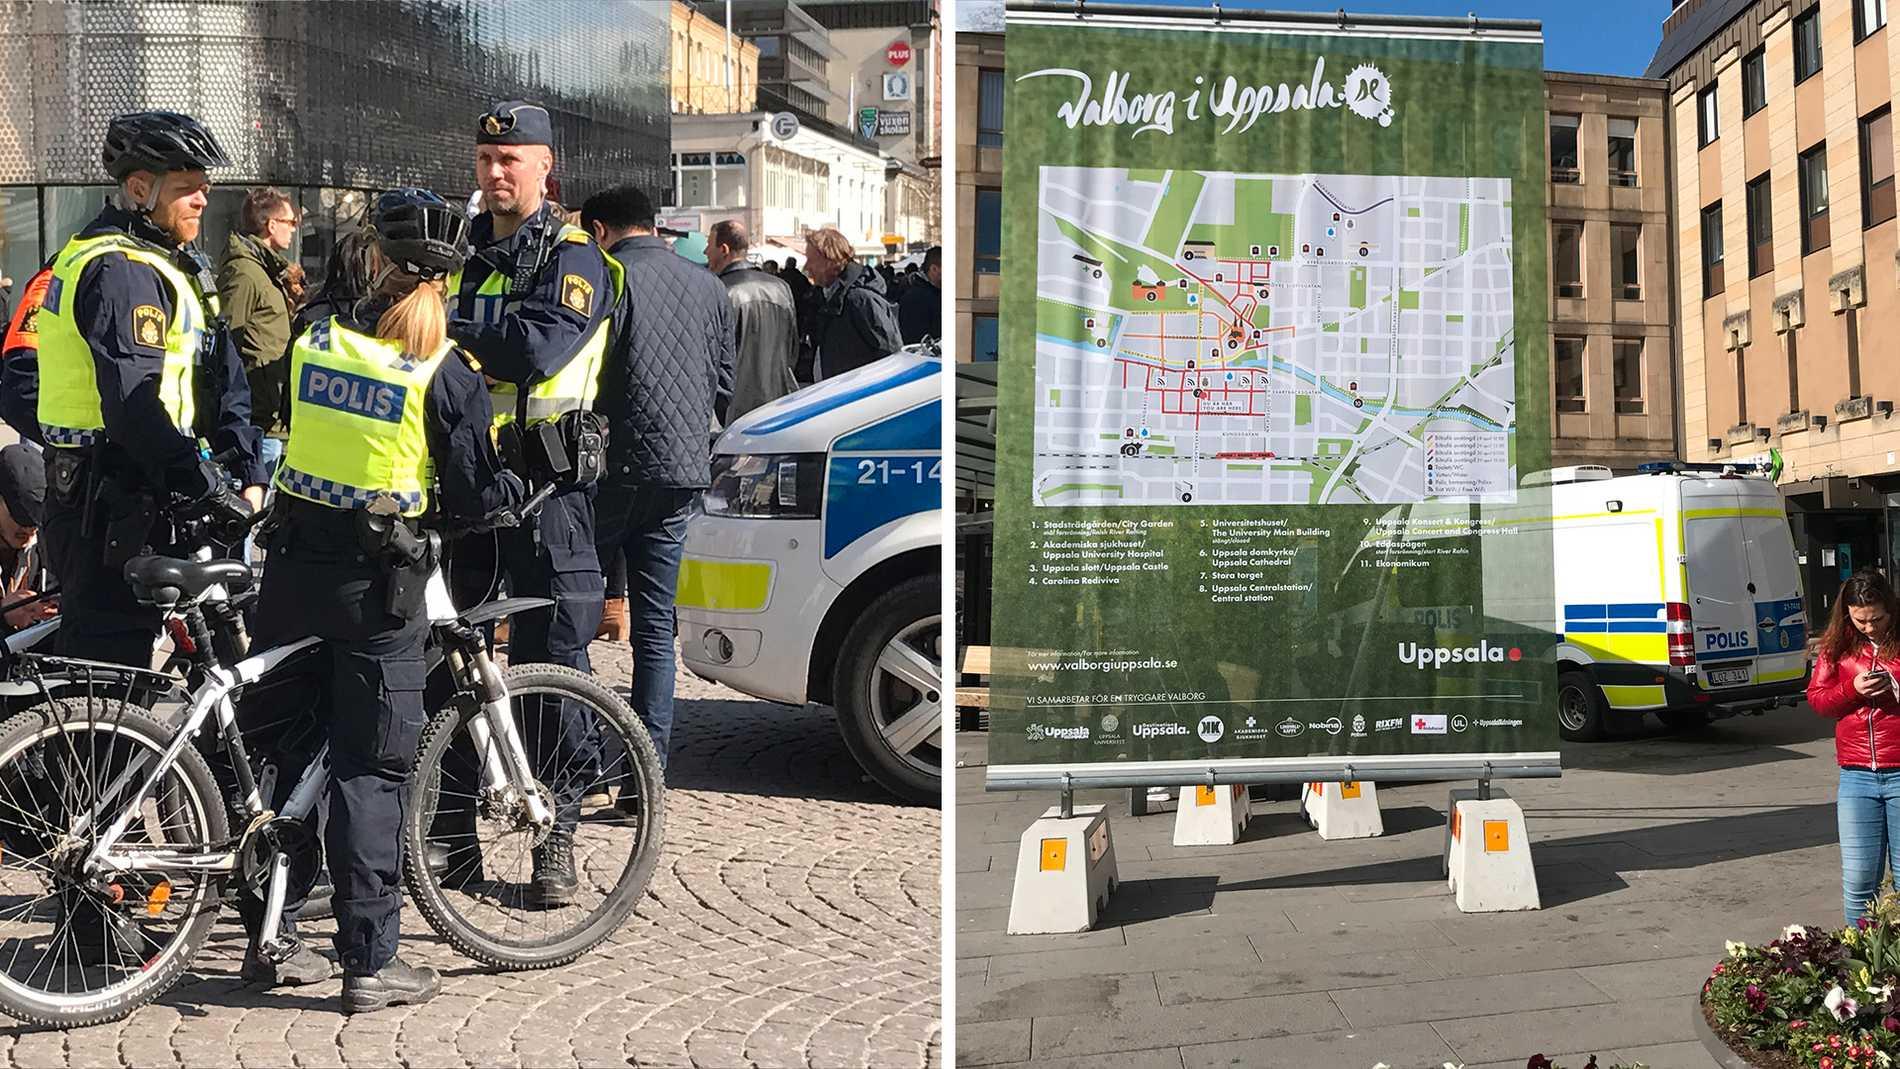 Polisen räknar med folksamlingar även om valborgsfirandet stängts in.